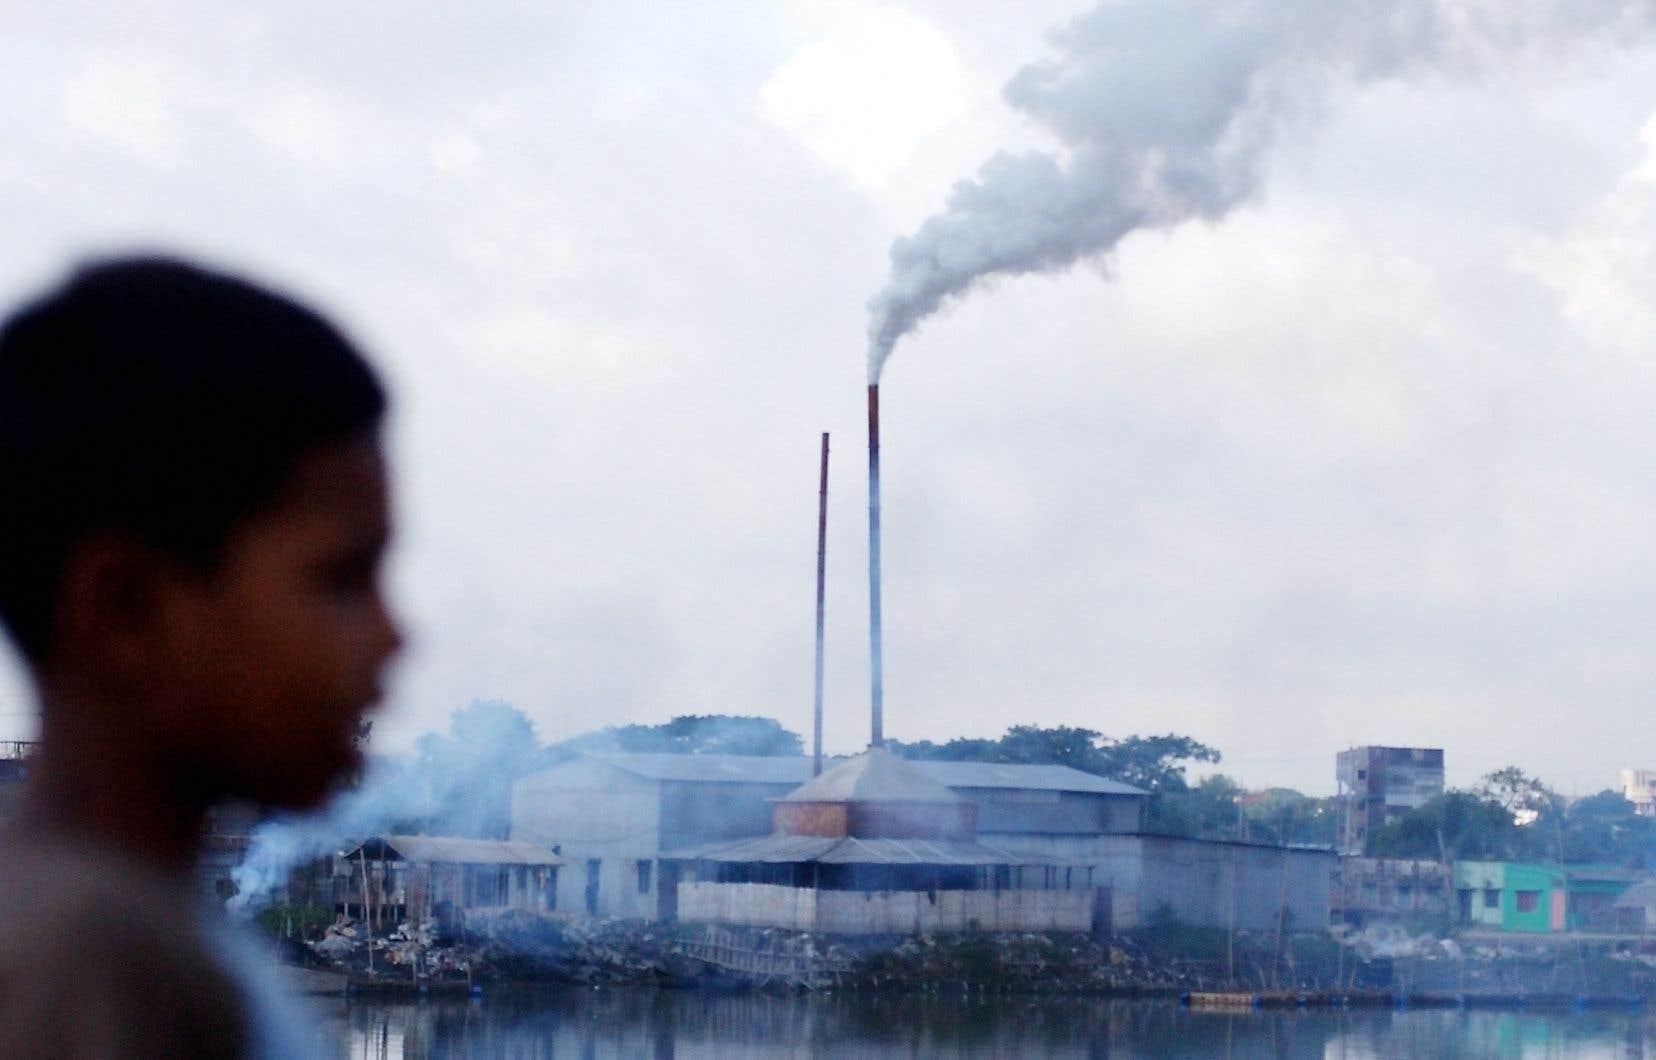 À ce stade des plans énergétiques connus, les émissions de CO2 de ces économies d'Asie, d'Afrique ou d'Amérique latine devraient croître ces 20 prochaines années, quand celles des économies avancées baisseront et celles de la Chine se stabiliseront.